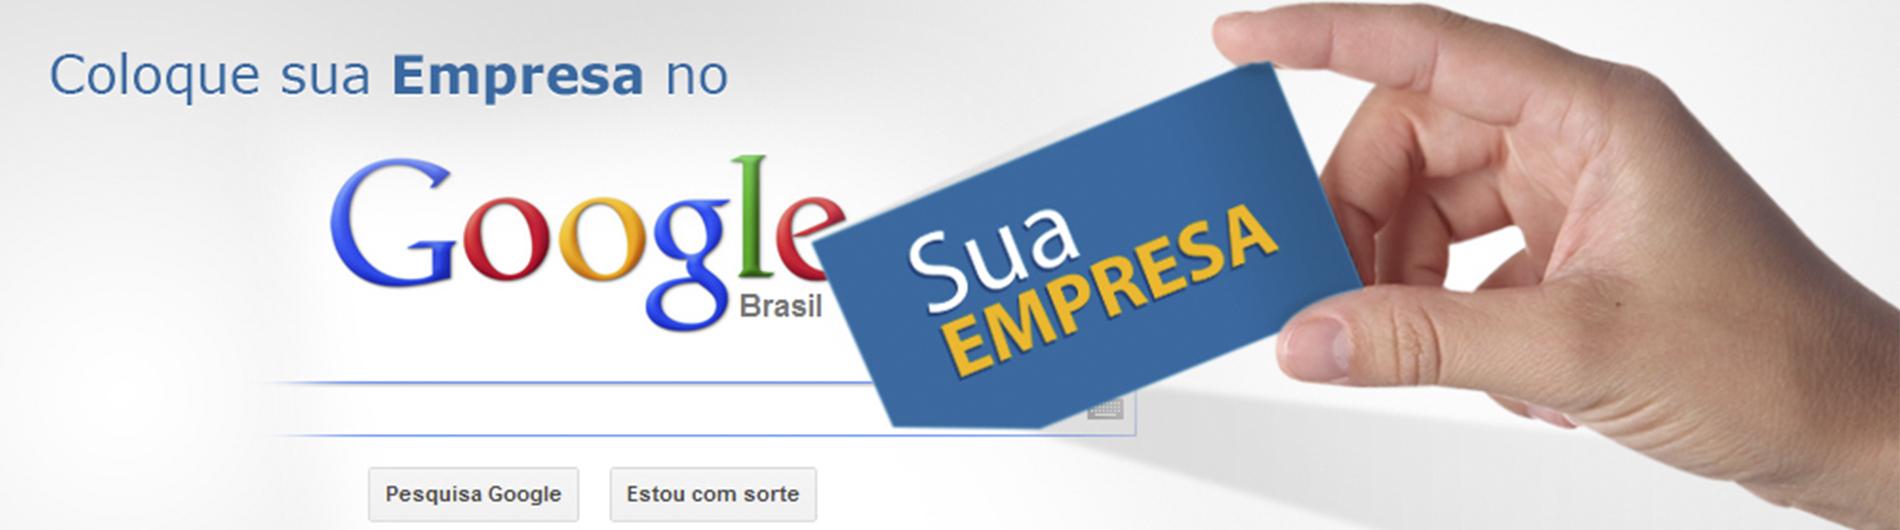 sua-empresa-no-google